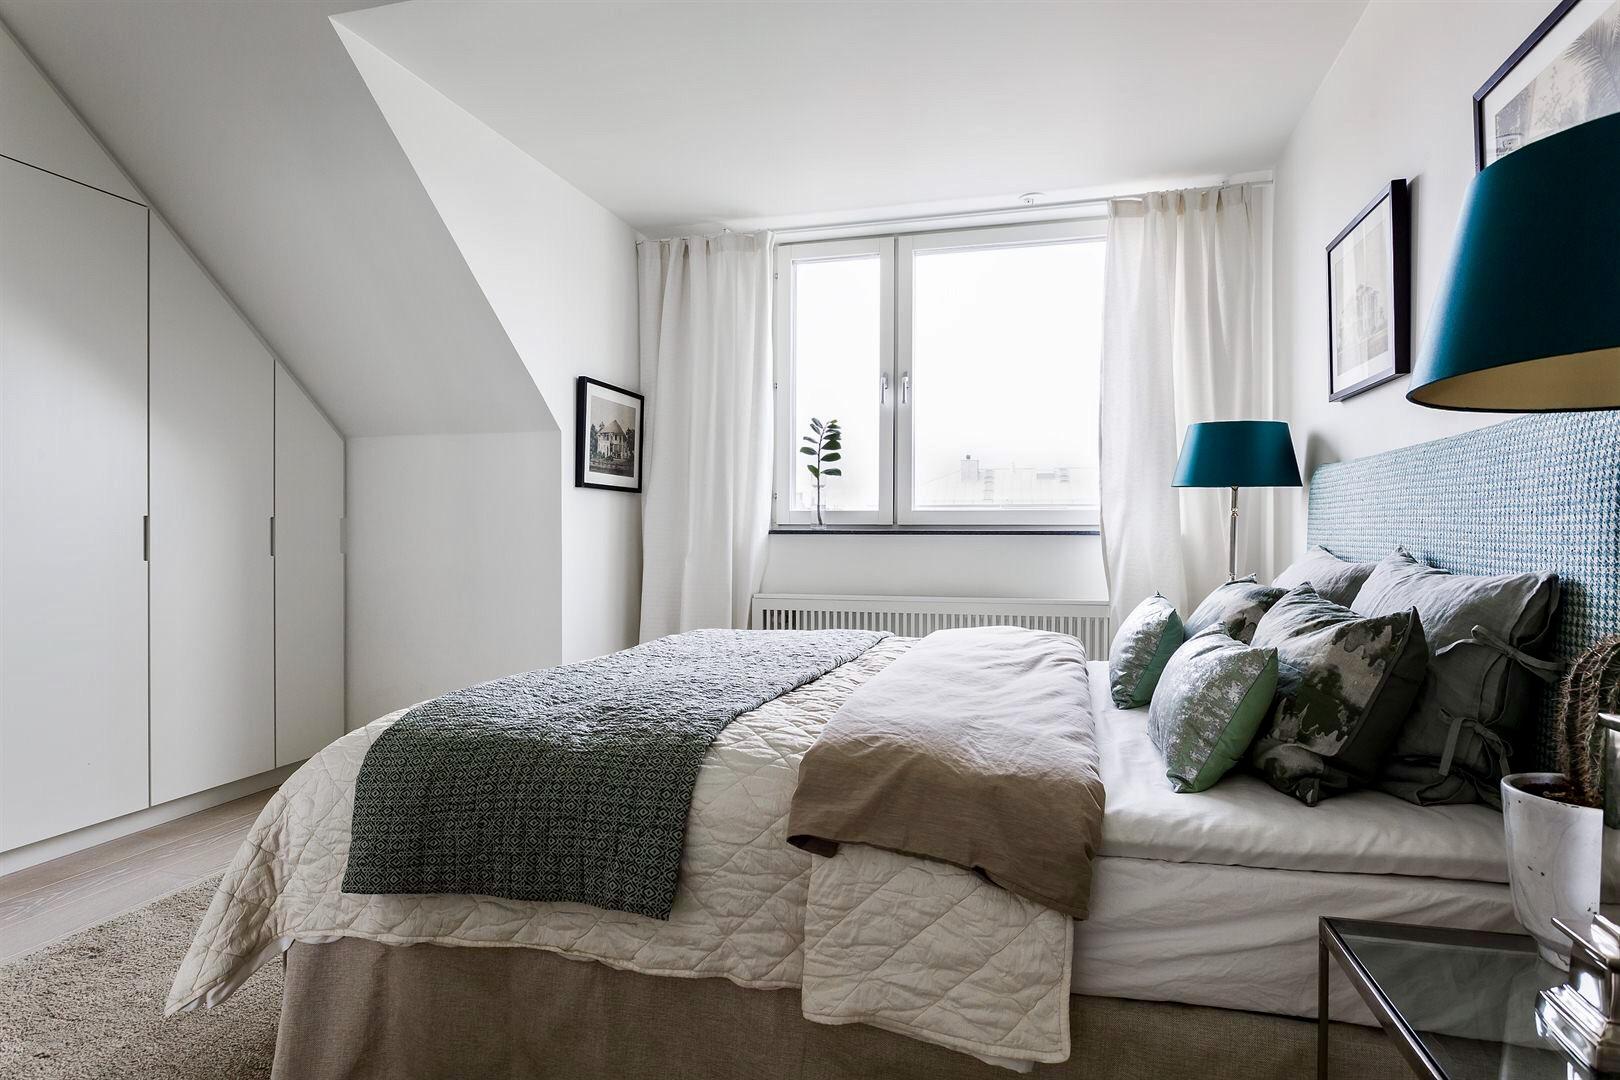 мансарда спальня кровать текстиль подушки встроенный шкаф прикроватные столики лампы окно